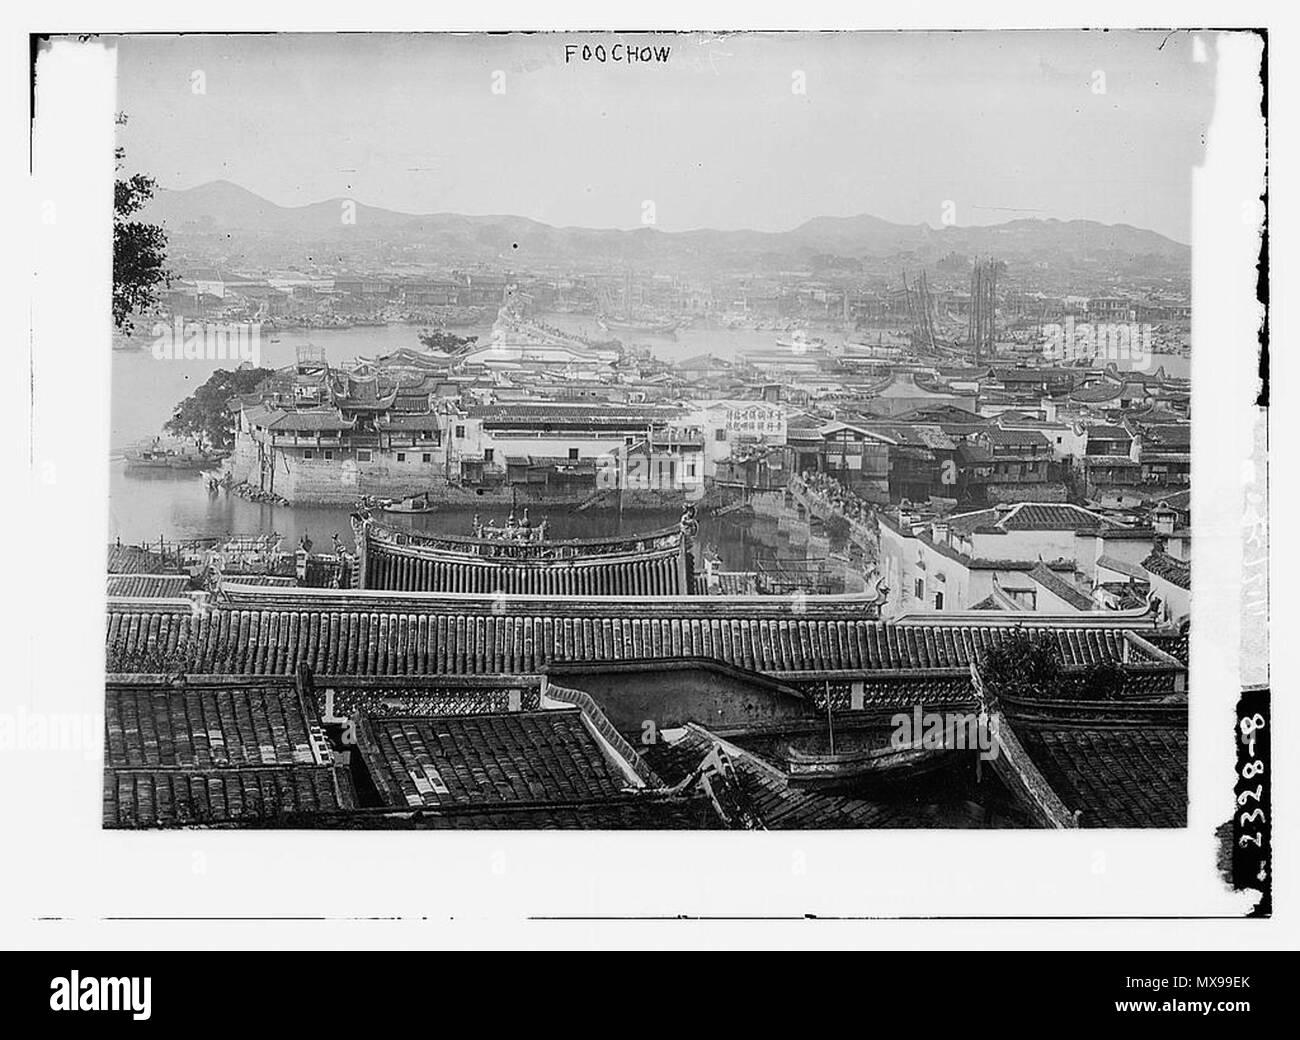 213 Foochow (1910s) Stock Photo